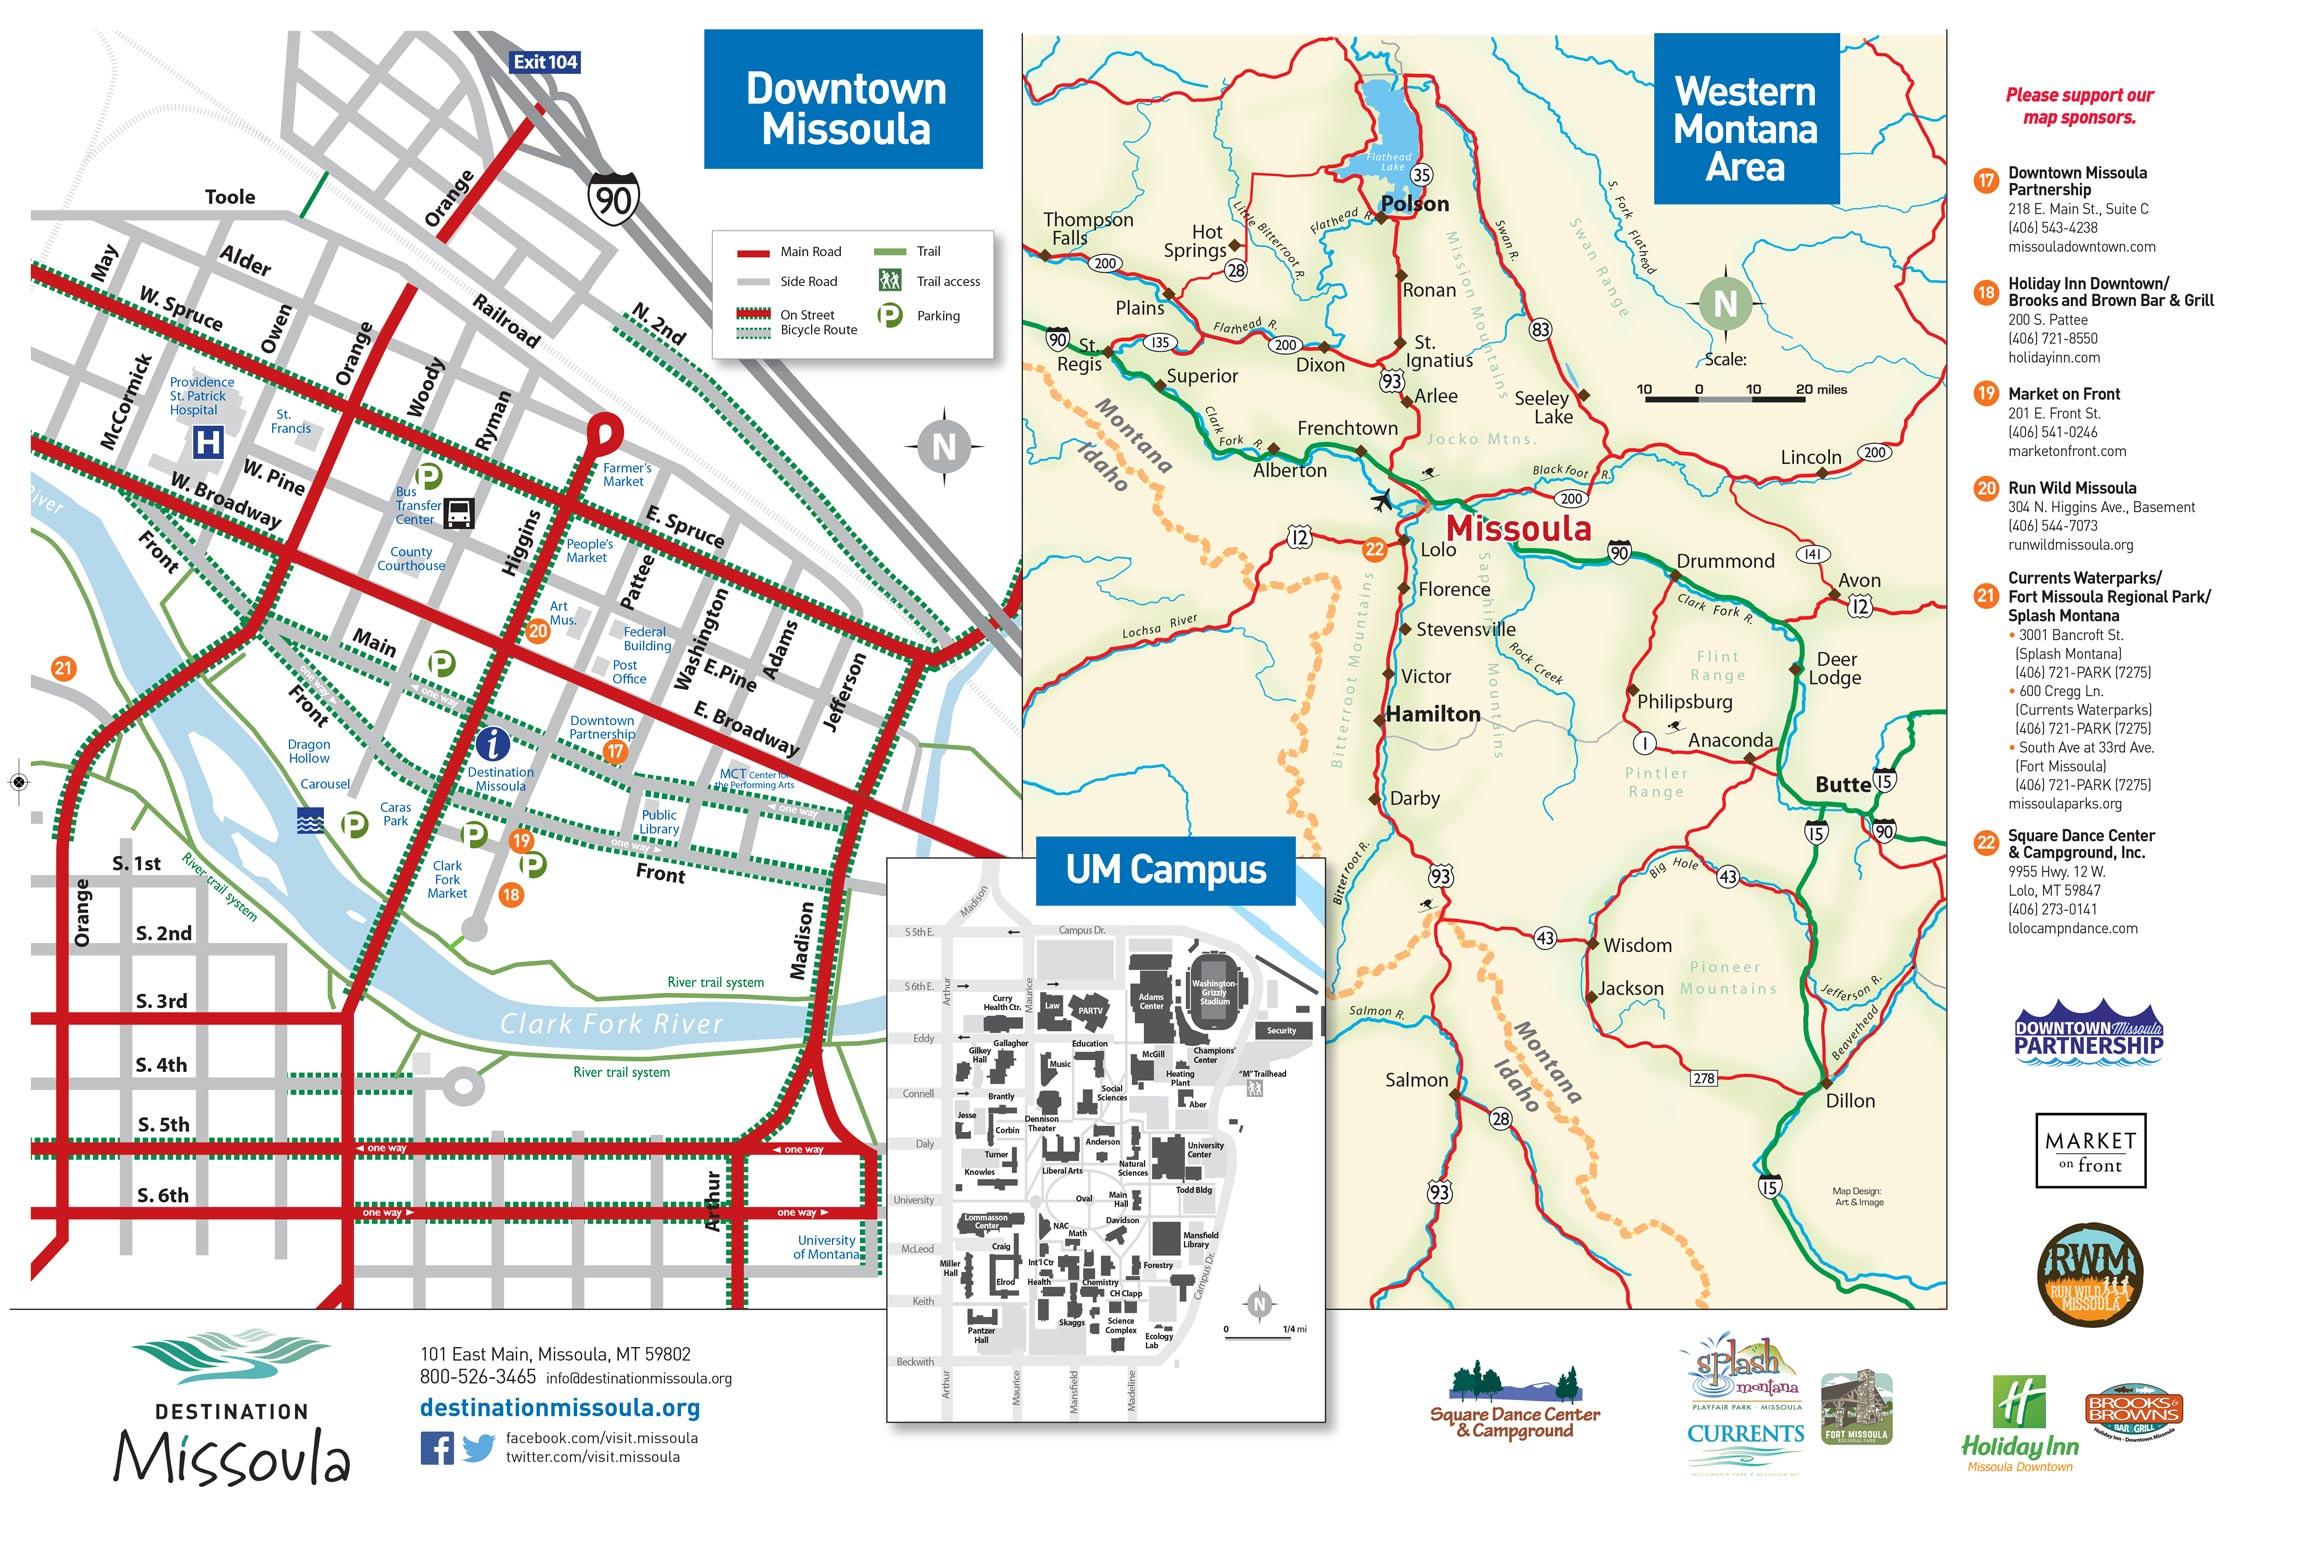 Missoula Mt Map Maps | Destination Missoula Missoula Mt Map